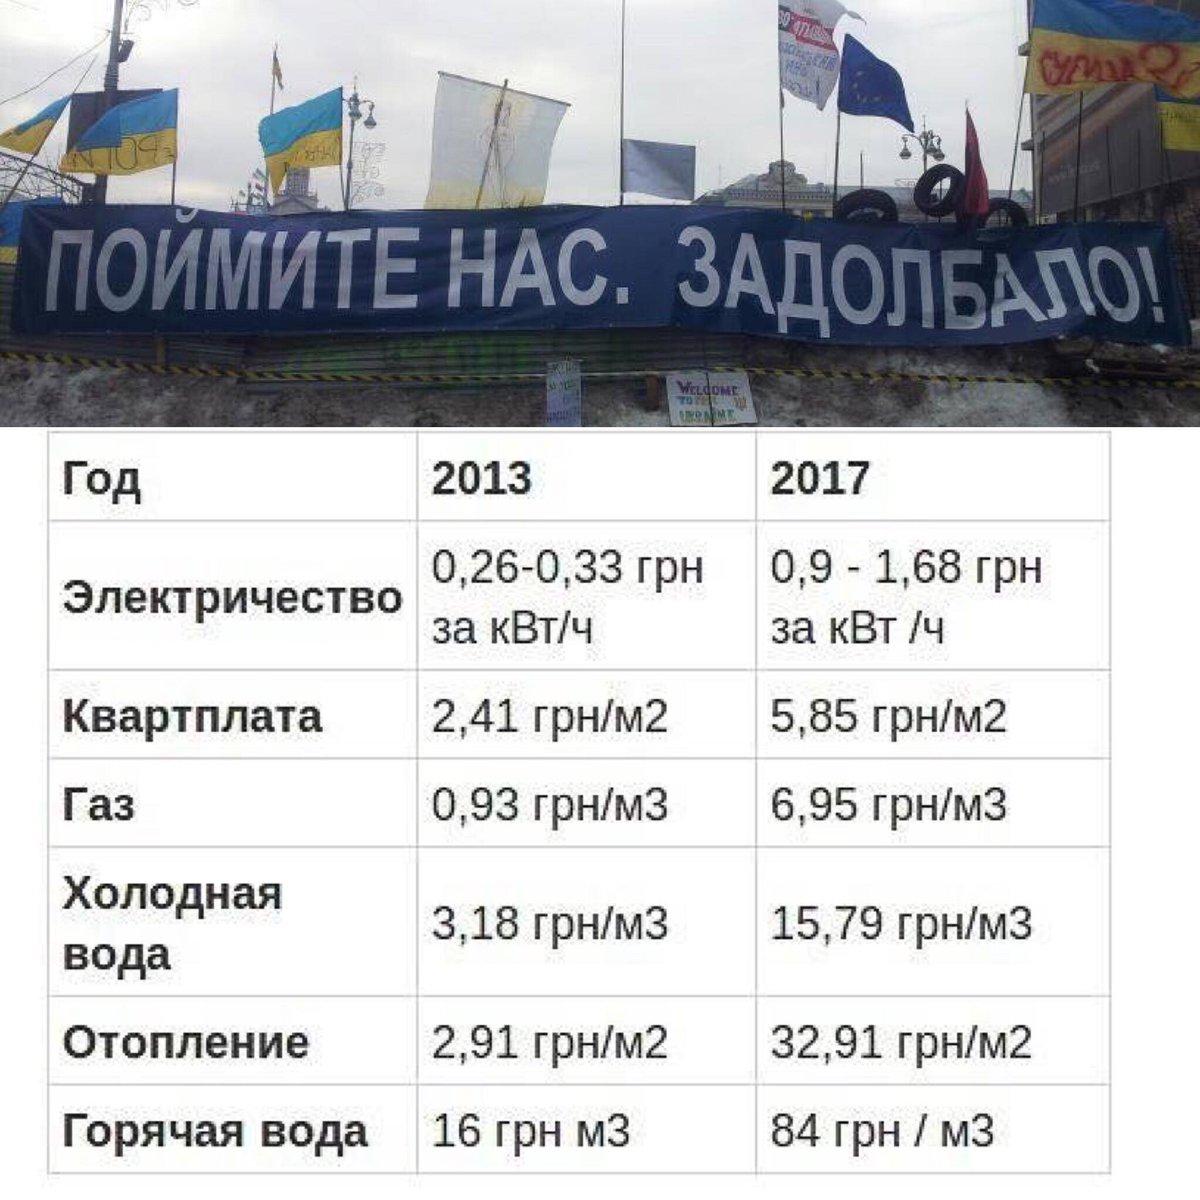 Завтра у Порошенко ожидается 12-14 встреч с лидерами стран-членов Евросоюза, - Елисеев - Цензор.НЕТ 4313